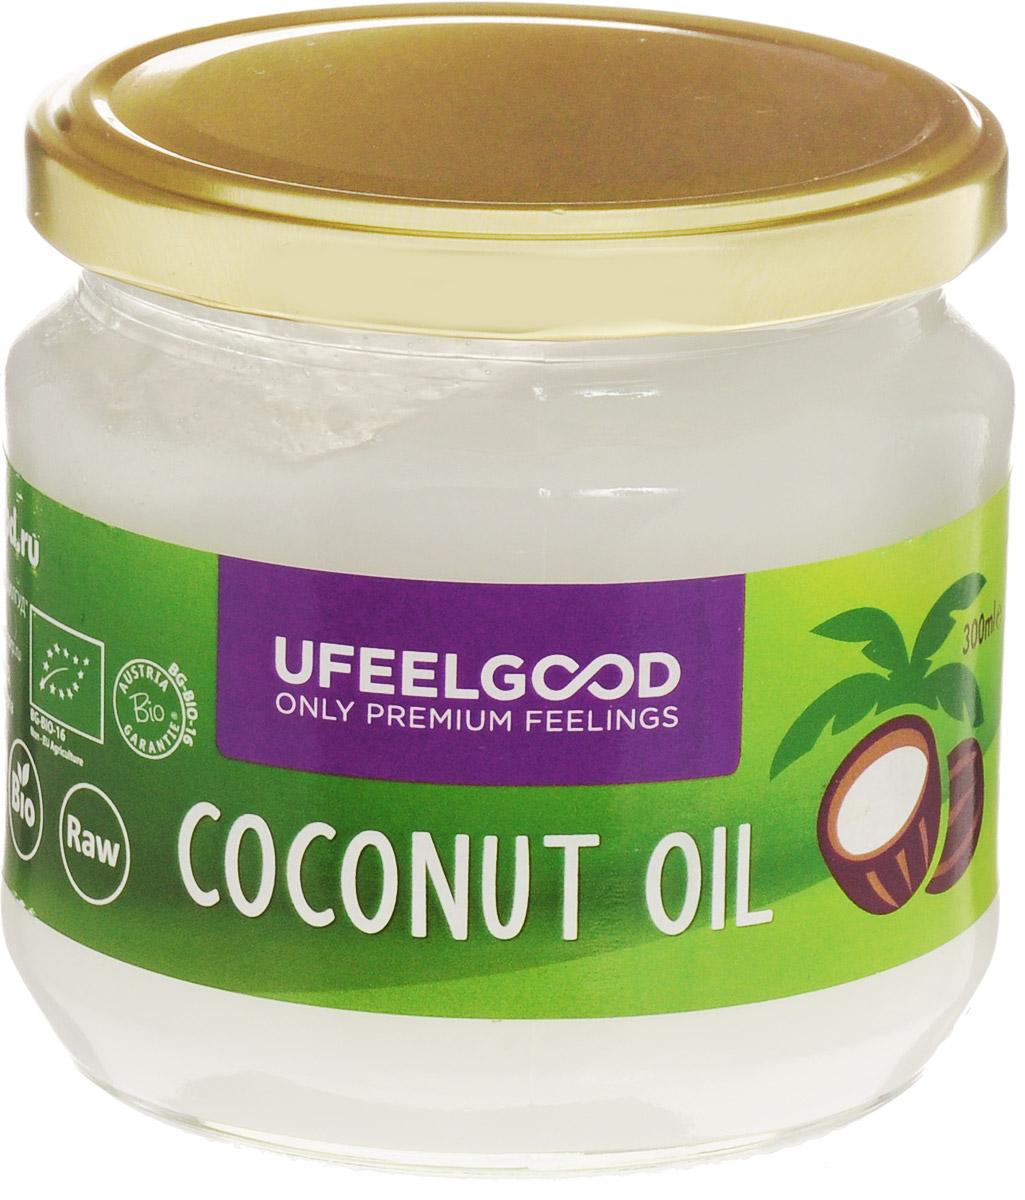 UFEELGOOD Coconut Oil кокосовое масло органическое, 300 мл4680016091382Кокосовое масло идеально подходит для приготовления пищи, так как его молекулы достаточно стабильны, чтобы выдерживать нагрев, не окисляясь. Также масло можно использовать для наружного применения: массаж с ароматерапией, различные маски насыщают, увлажняют и охлаждают кожу, оказывая противовоспалительное действие. Применение кокосового масла уменьшает симптомы кожных заболеваний, поддерживает естественный биохимический баланс кожи, помогает устранить сухость и шелушение, препятствует образованию морщин, дряблости кожи и пигментных пятен.